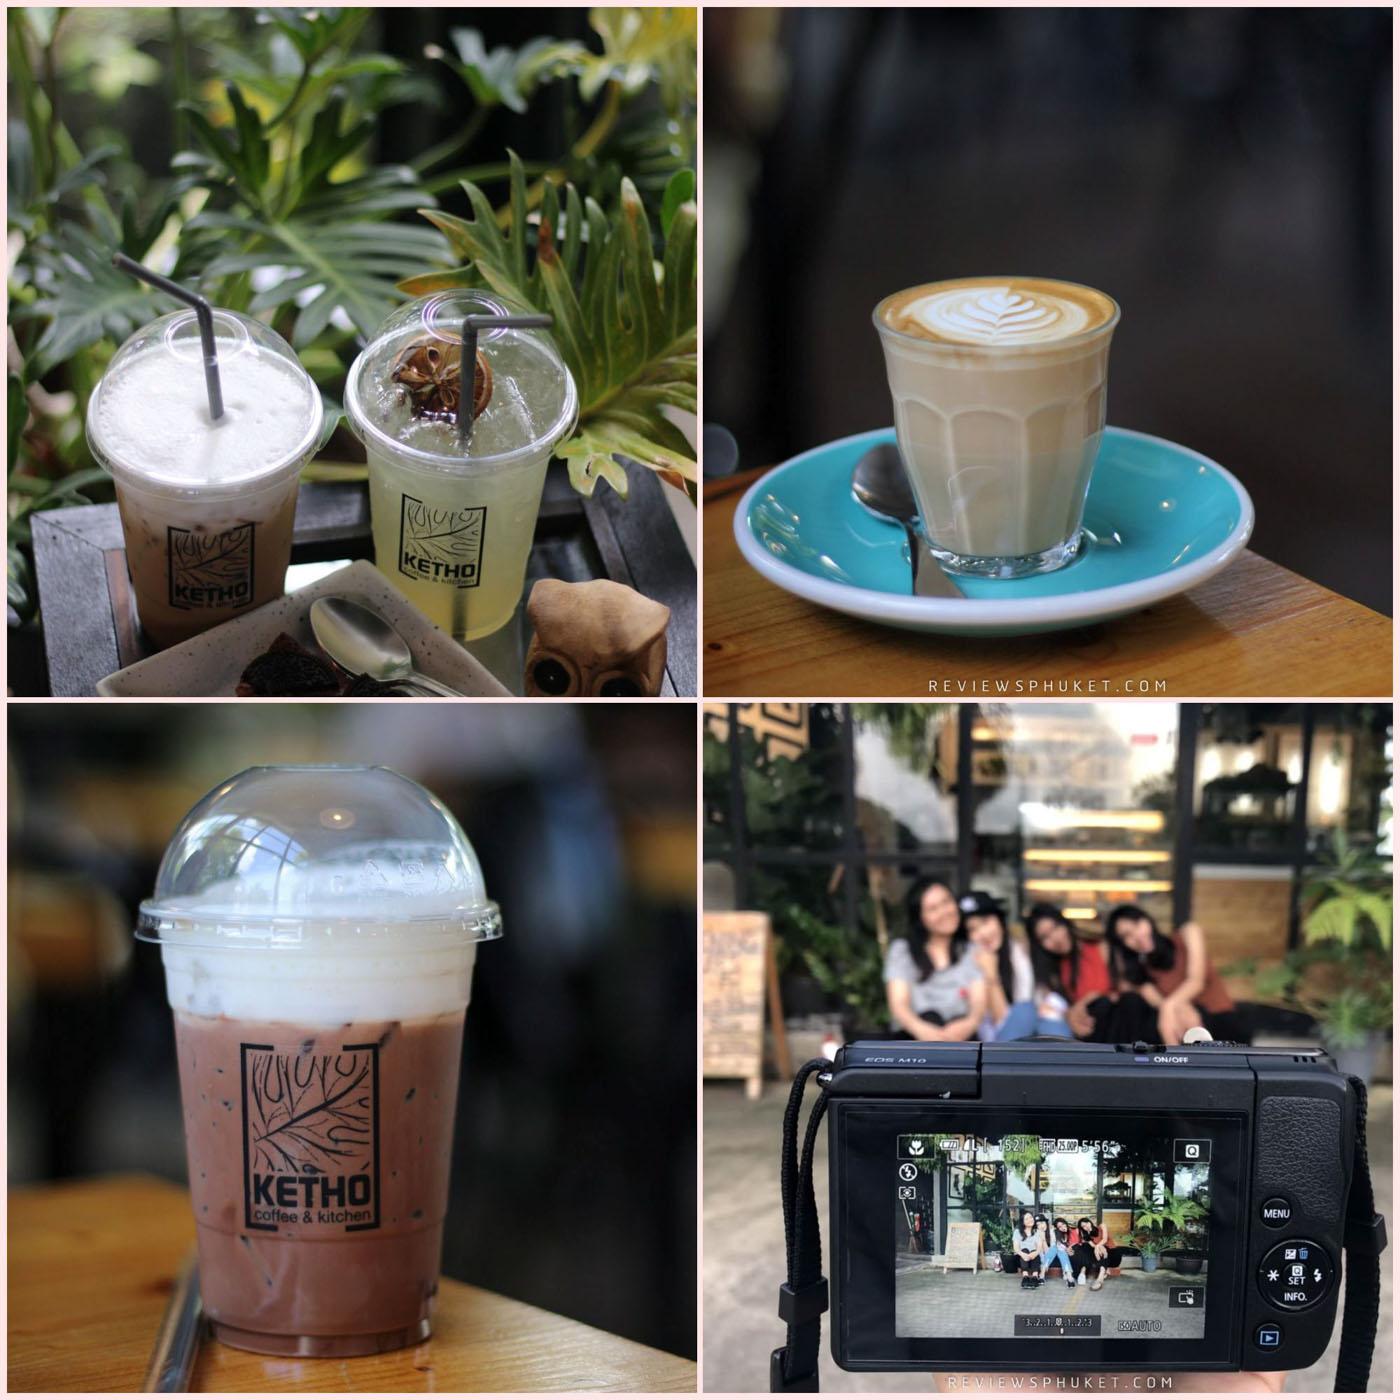 ปักหมุดเช็คอิน เก็ตโฮ่ คอฟฟี่ แอนด์ คิชเช่น แวะดื่มกาแฟถ่ายรูปสวยๆกันก่อนไหม